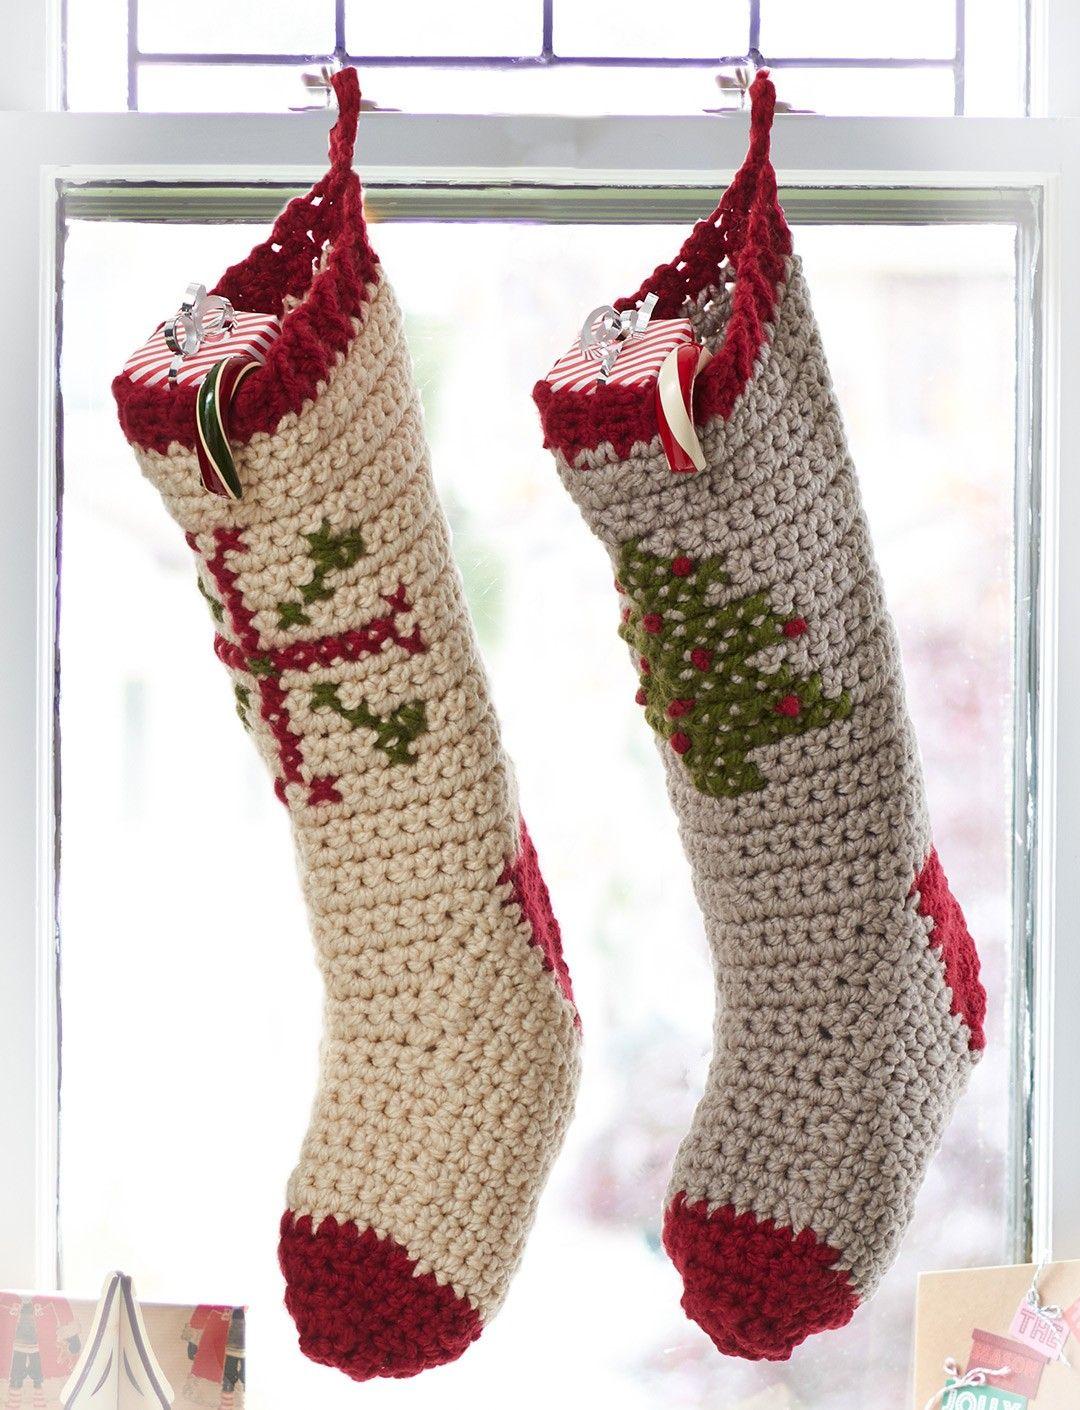 Yarnspirations bernat cross stitch stockings patterns yarnspirations bernat cross stitch stockings patterns yarnspirations crochet christmas bankloansurffo Choice Image